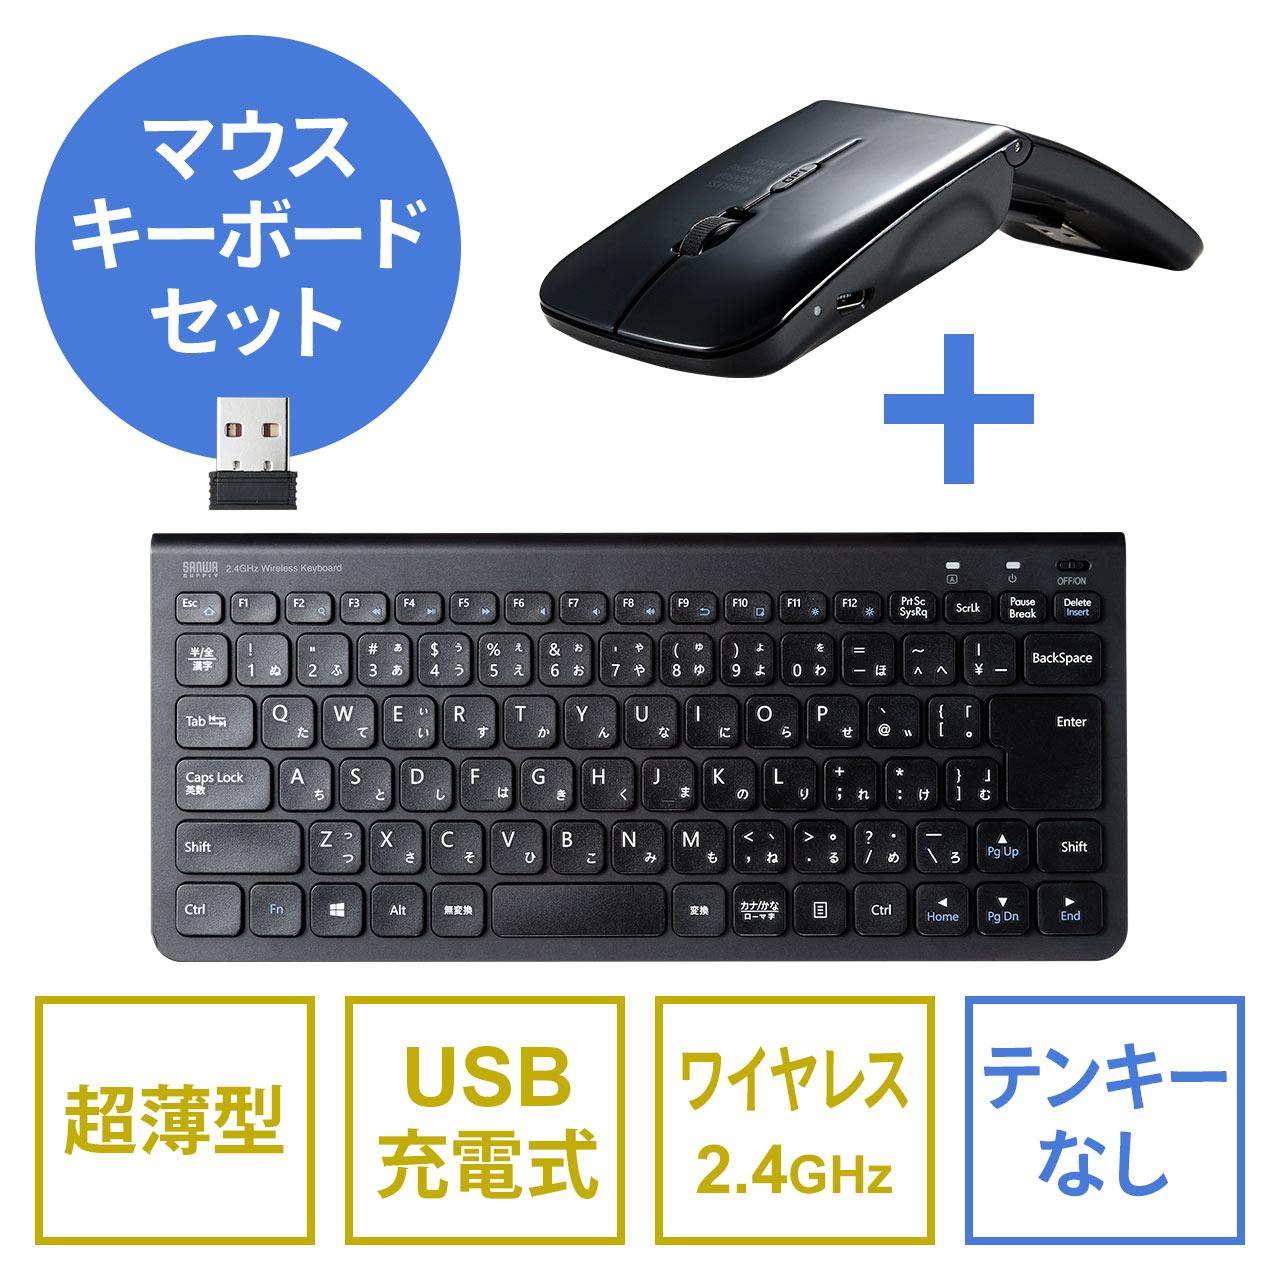 テンキー ない キーボード 使え 外付けキーボードのテンキーが反応しないときの対処法